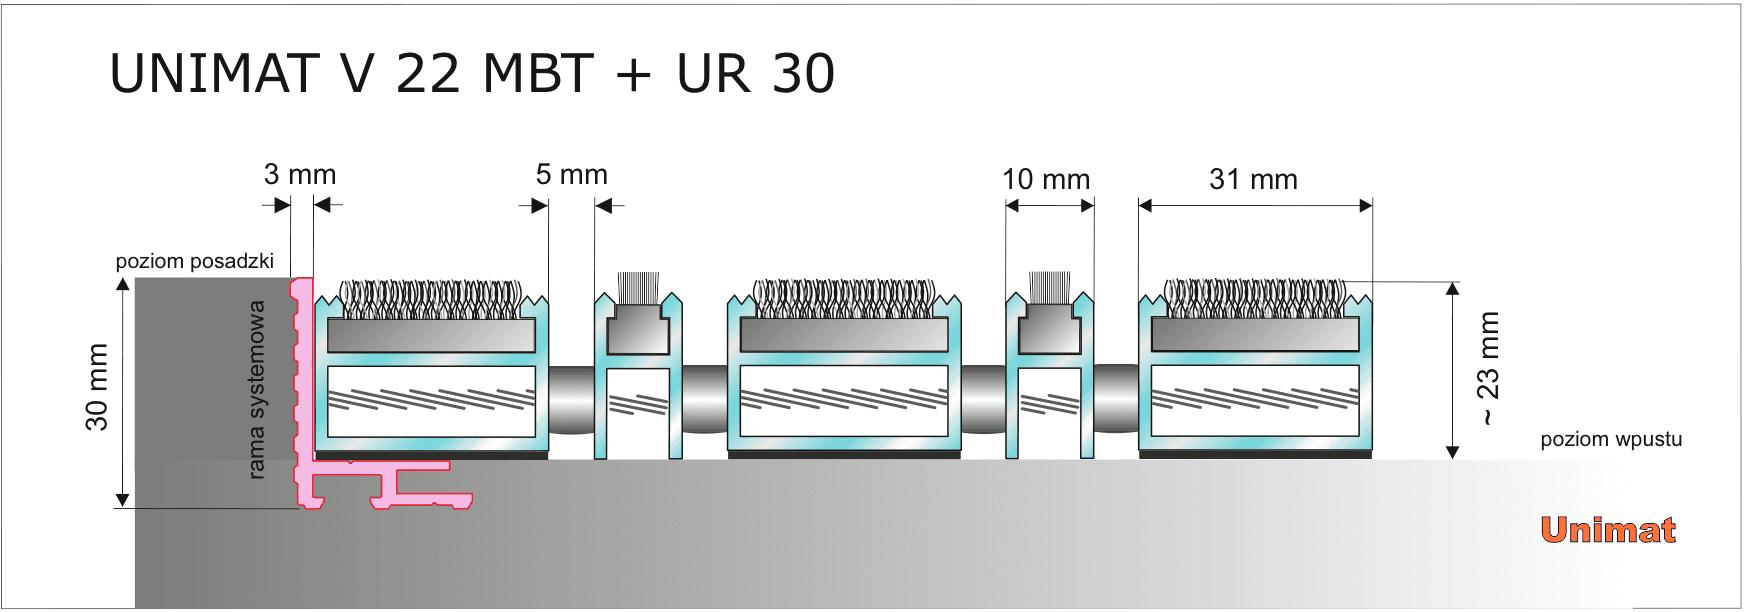 Unimat V 22 MBT + UR30.png